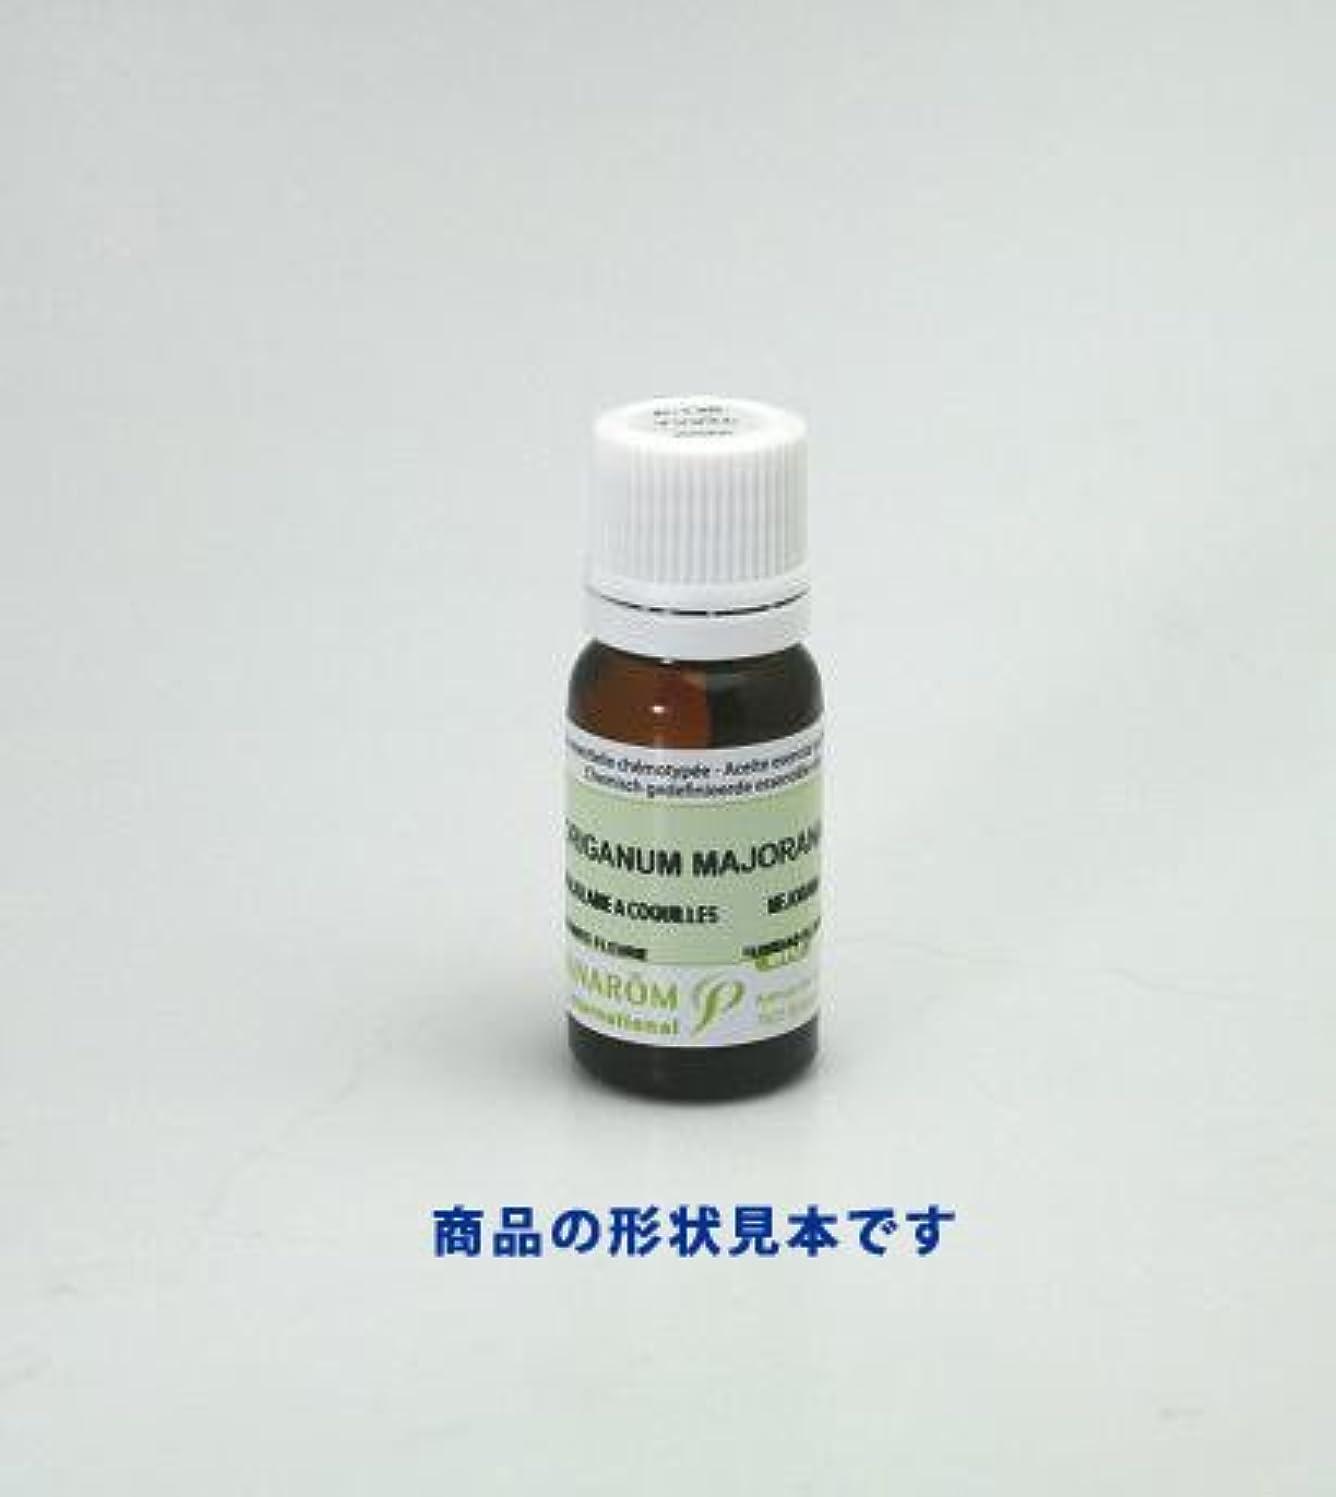 メイト衝突コース年金受給者プラナロム社製精油:P-020 フランキンセンス